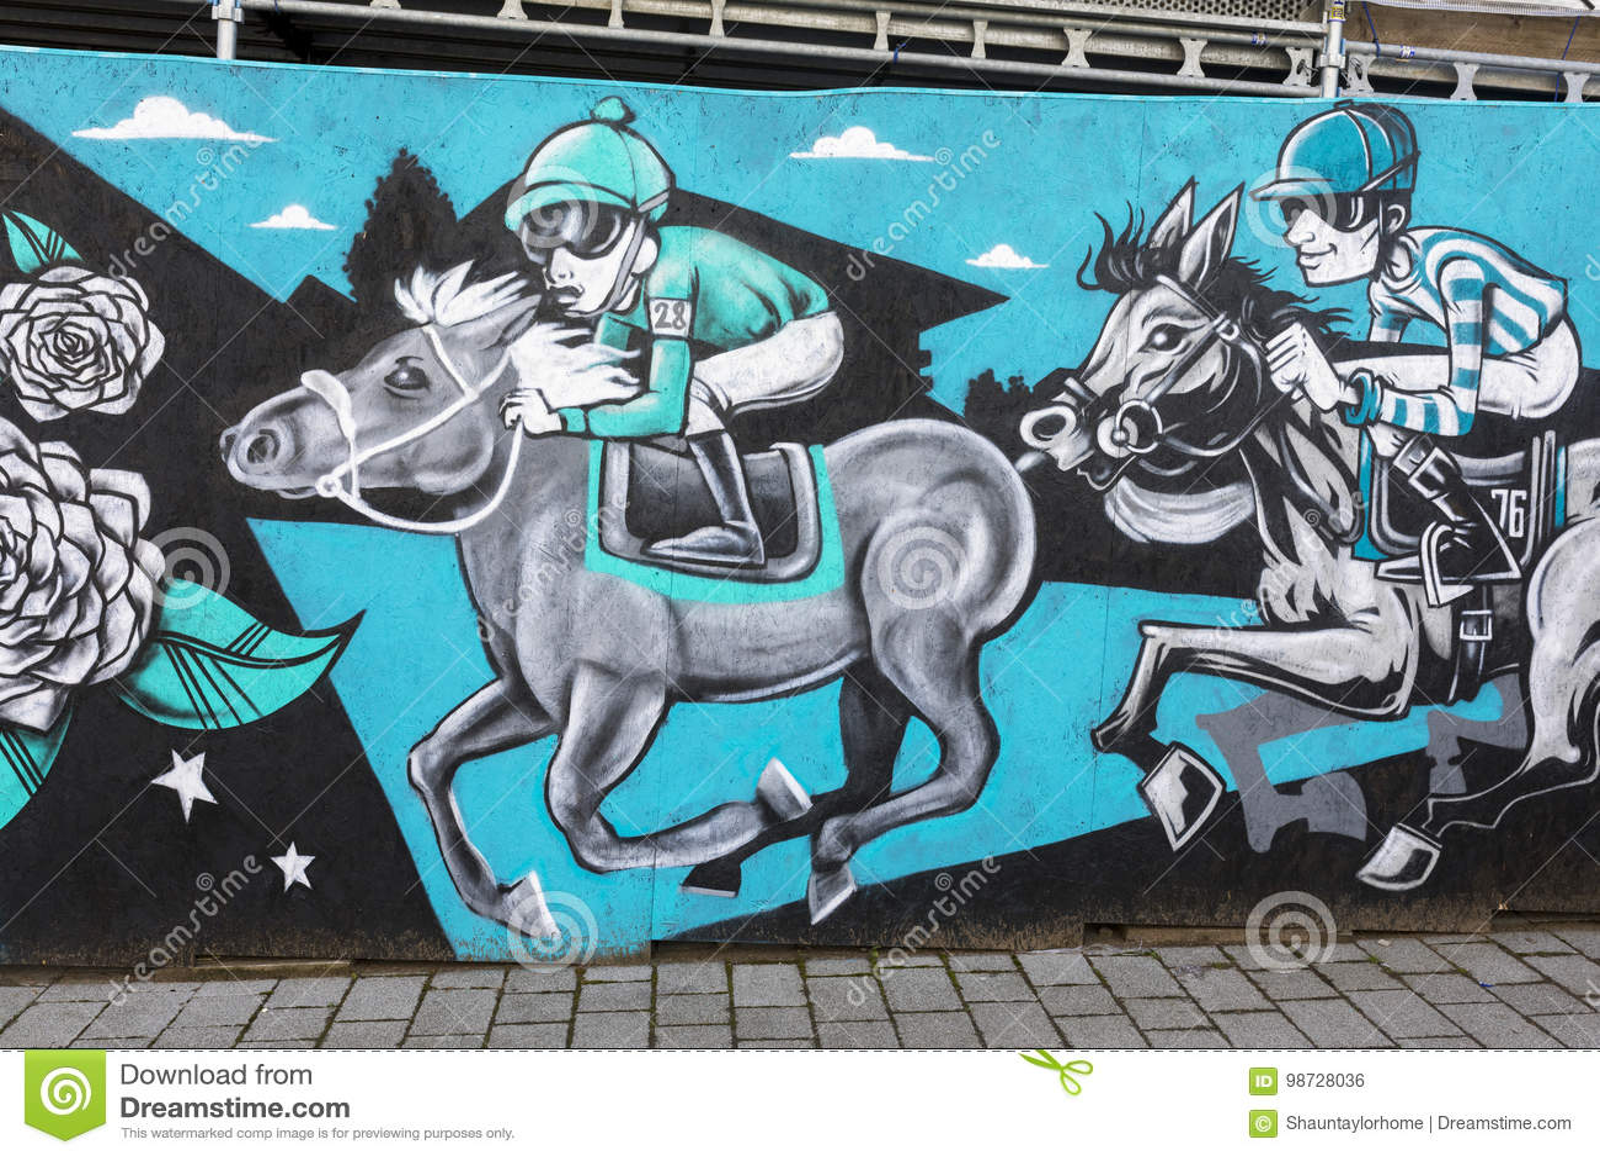 Peinture murale d art de rue de Doncaster, festival de St Leger, course de chevaux, joc